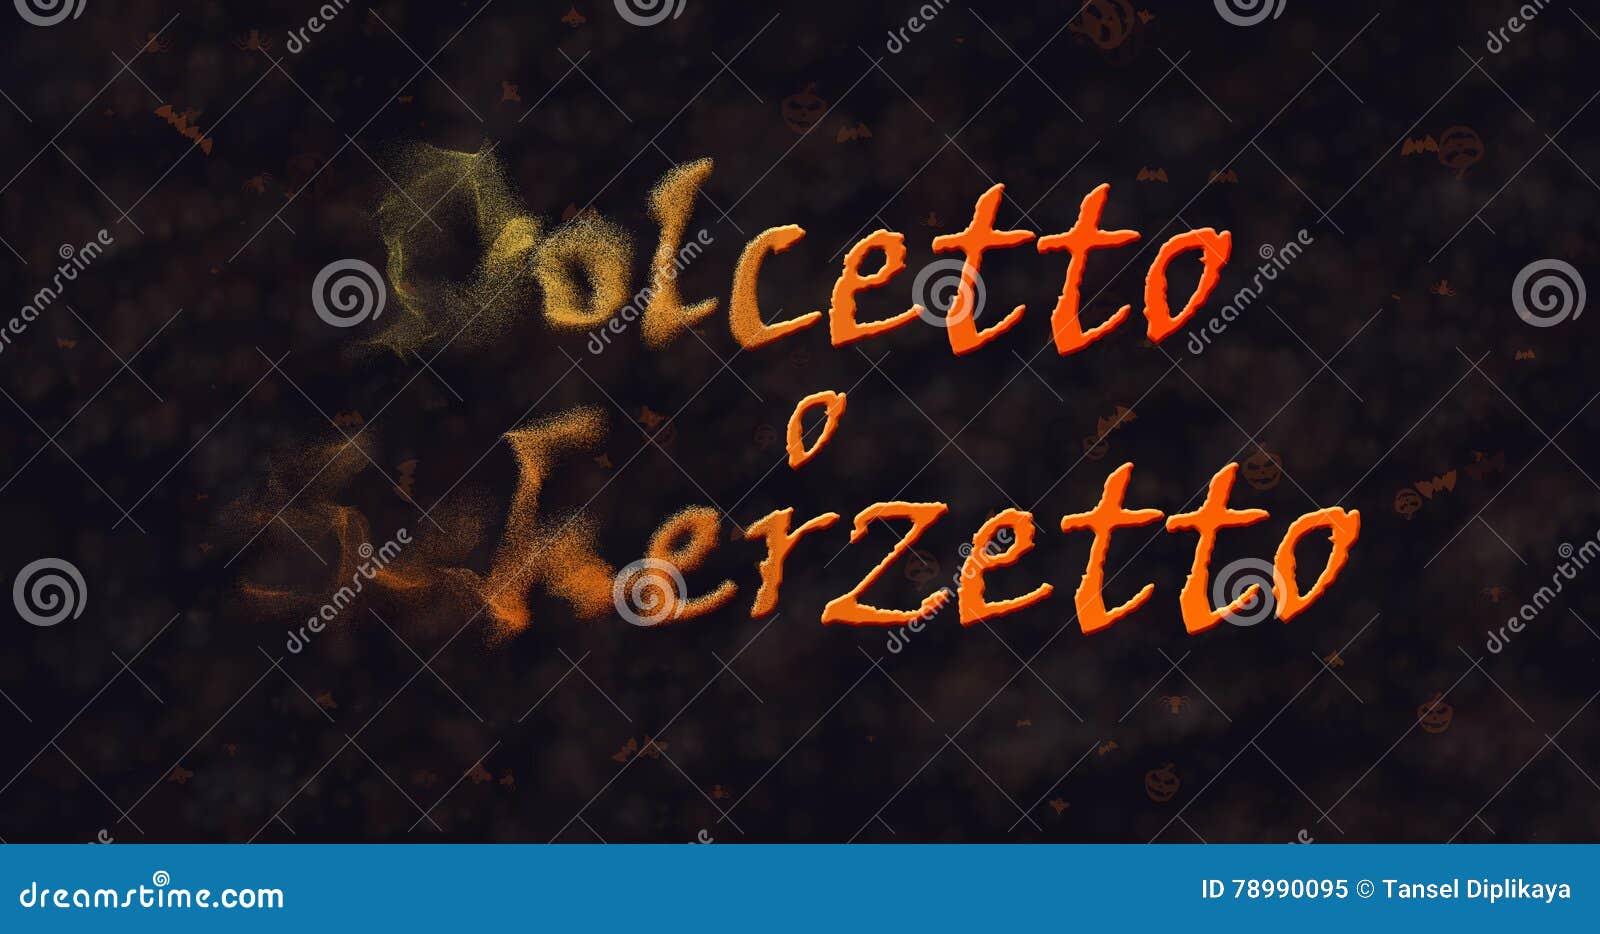 Dolcetto nolla Schezetto & x28; Trick eller Treat& x29; Italiensk text som upplöser in i damm från vänstersida